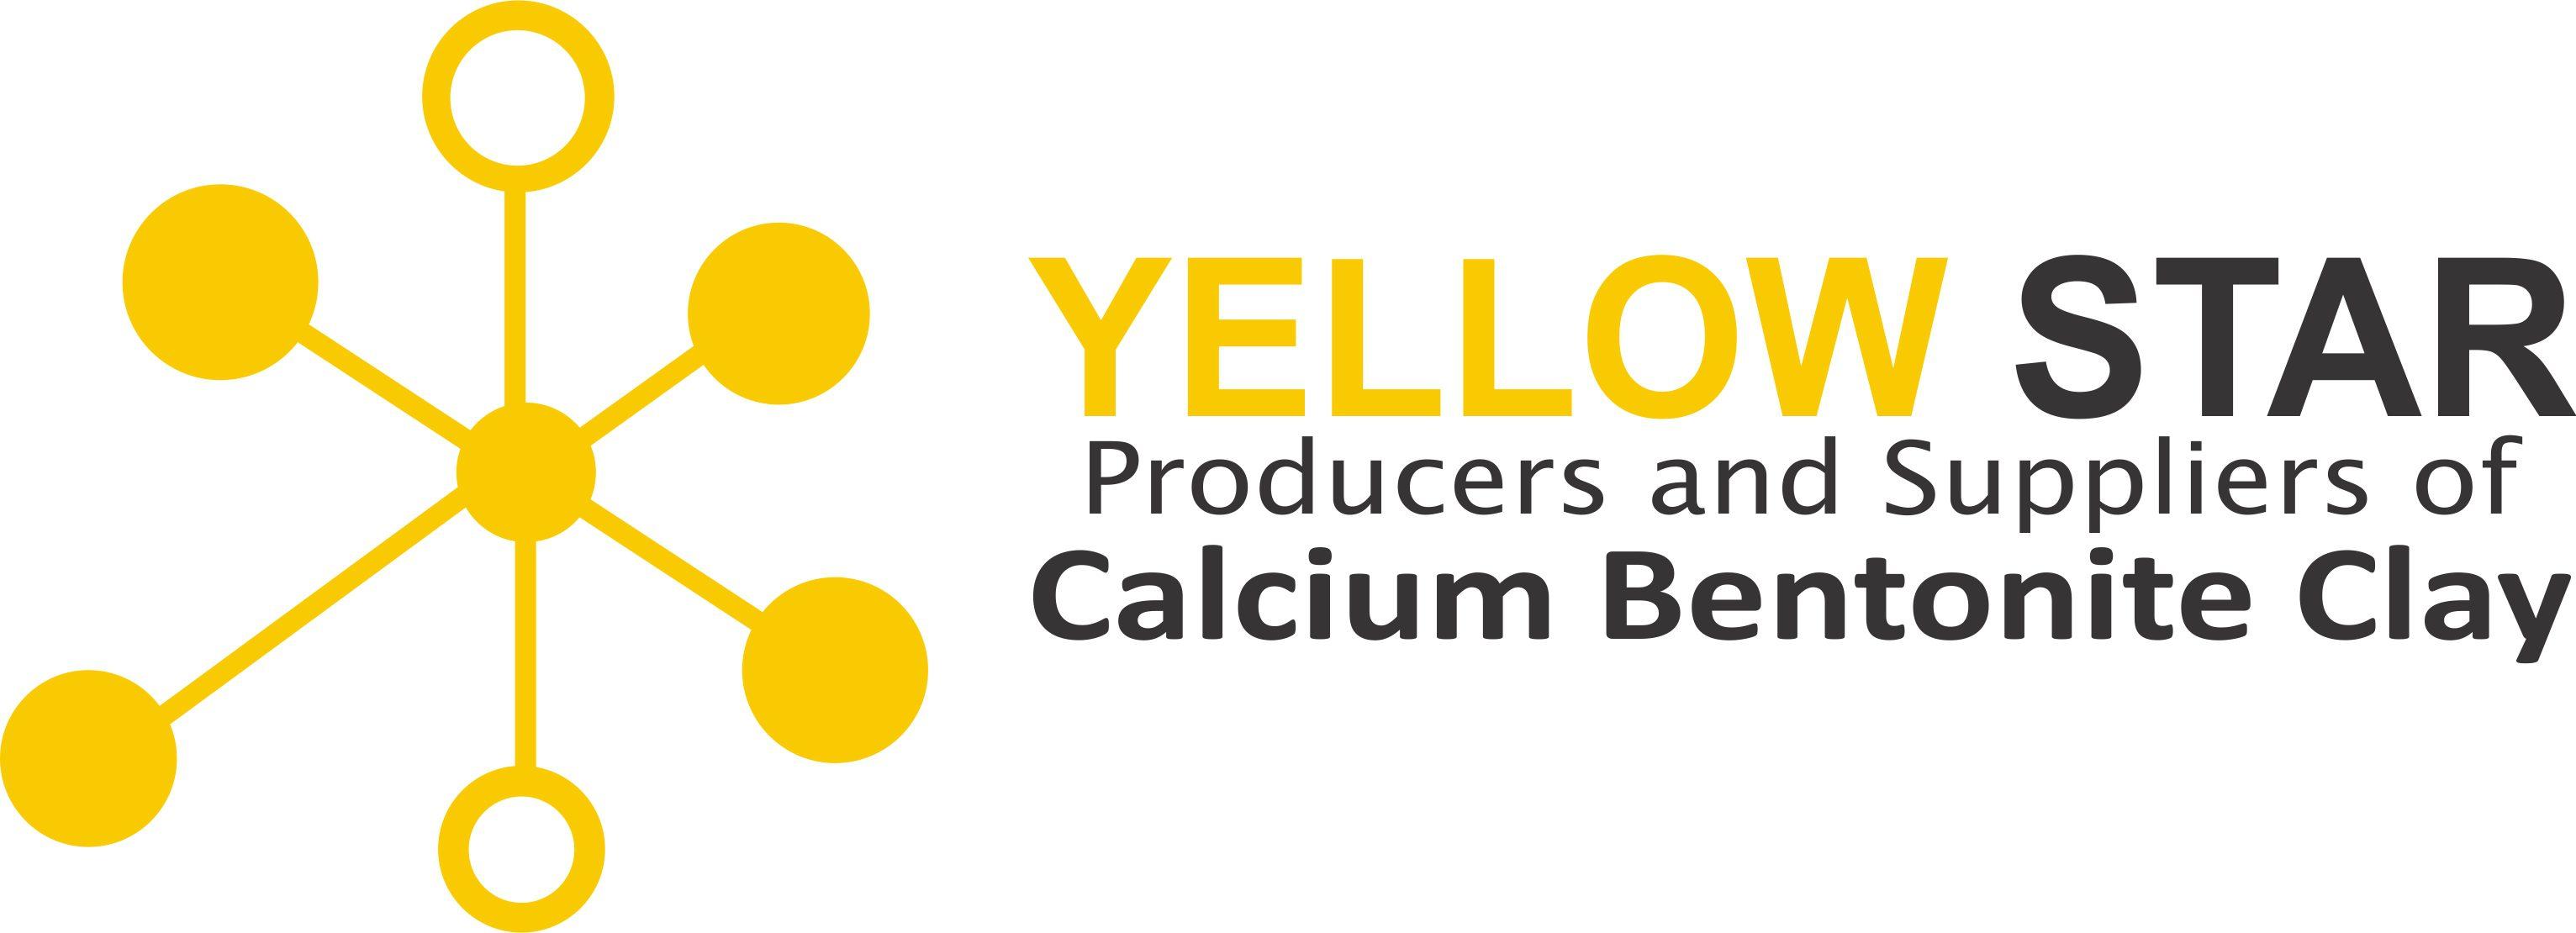 Yellowstar Bentonite